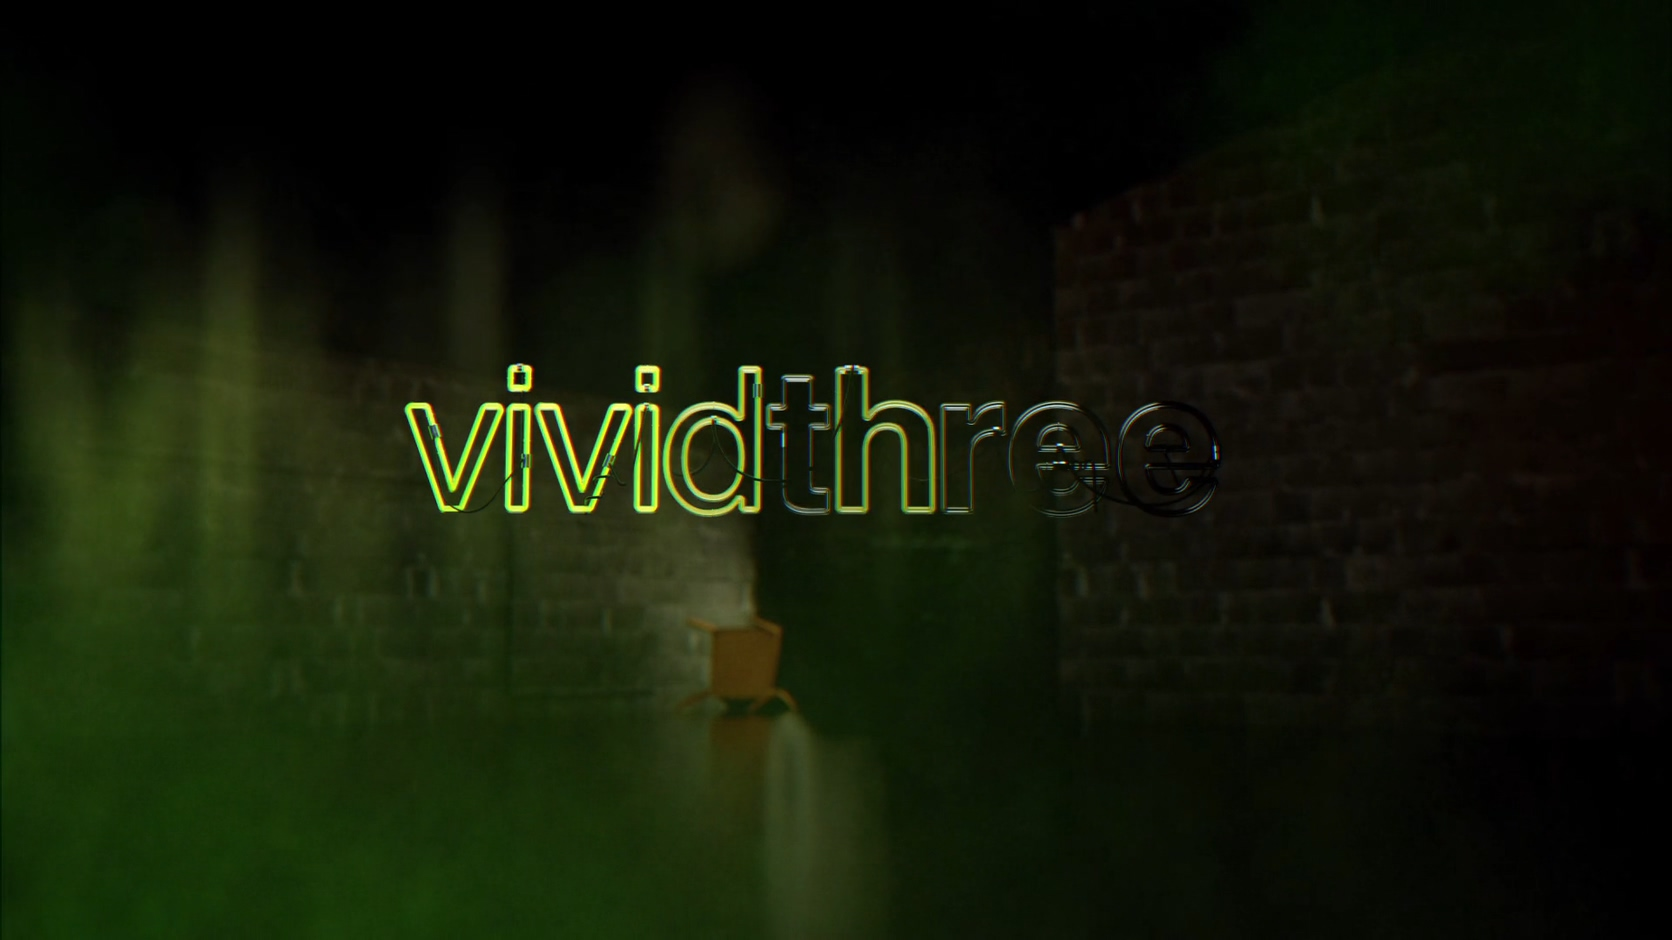 VV3作品合集流体广告特效动画商品唯美